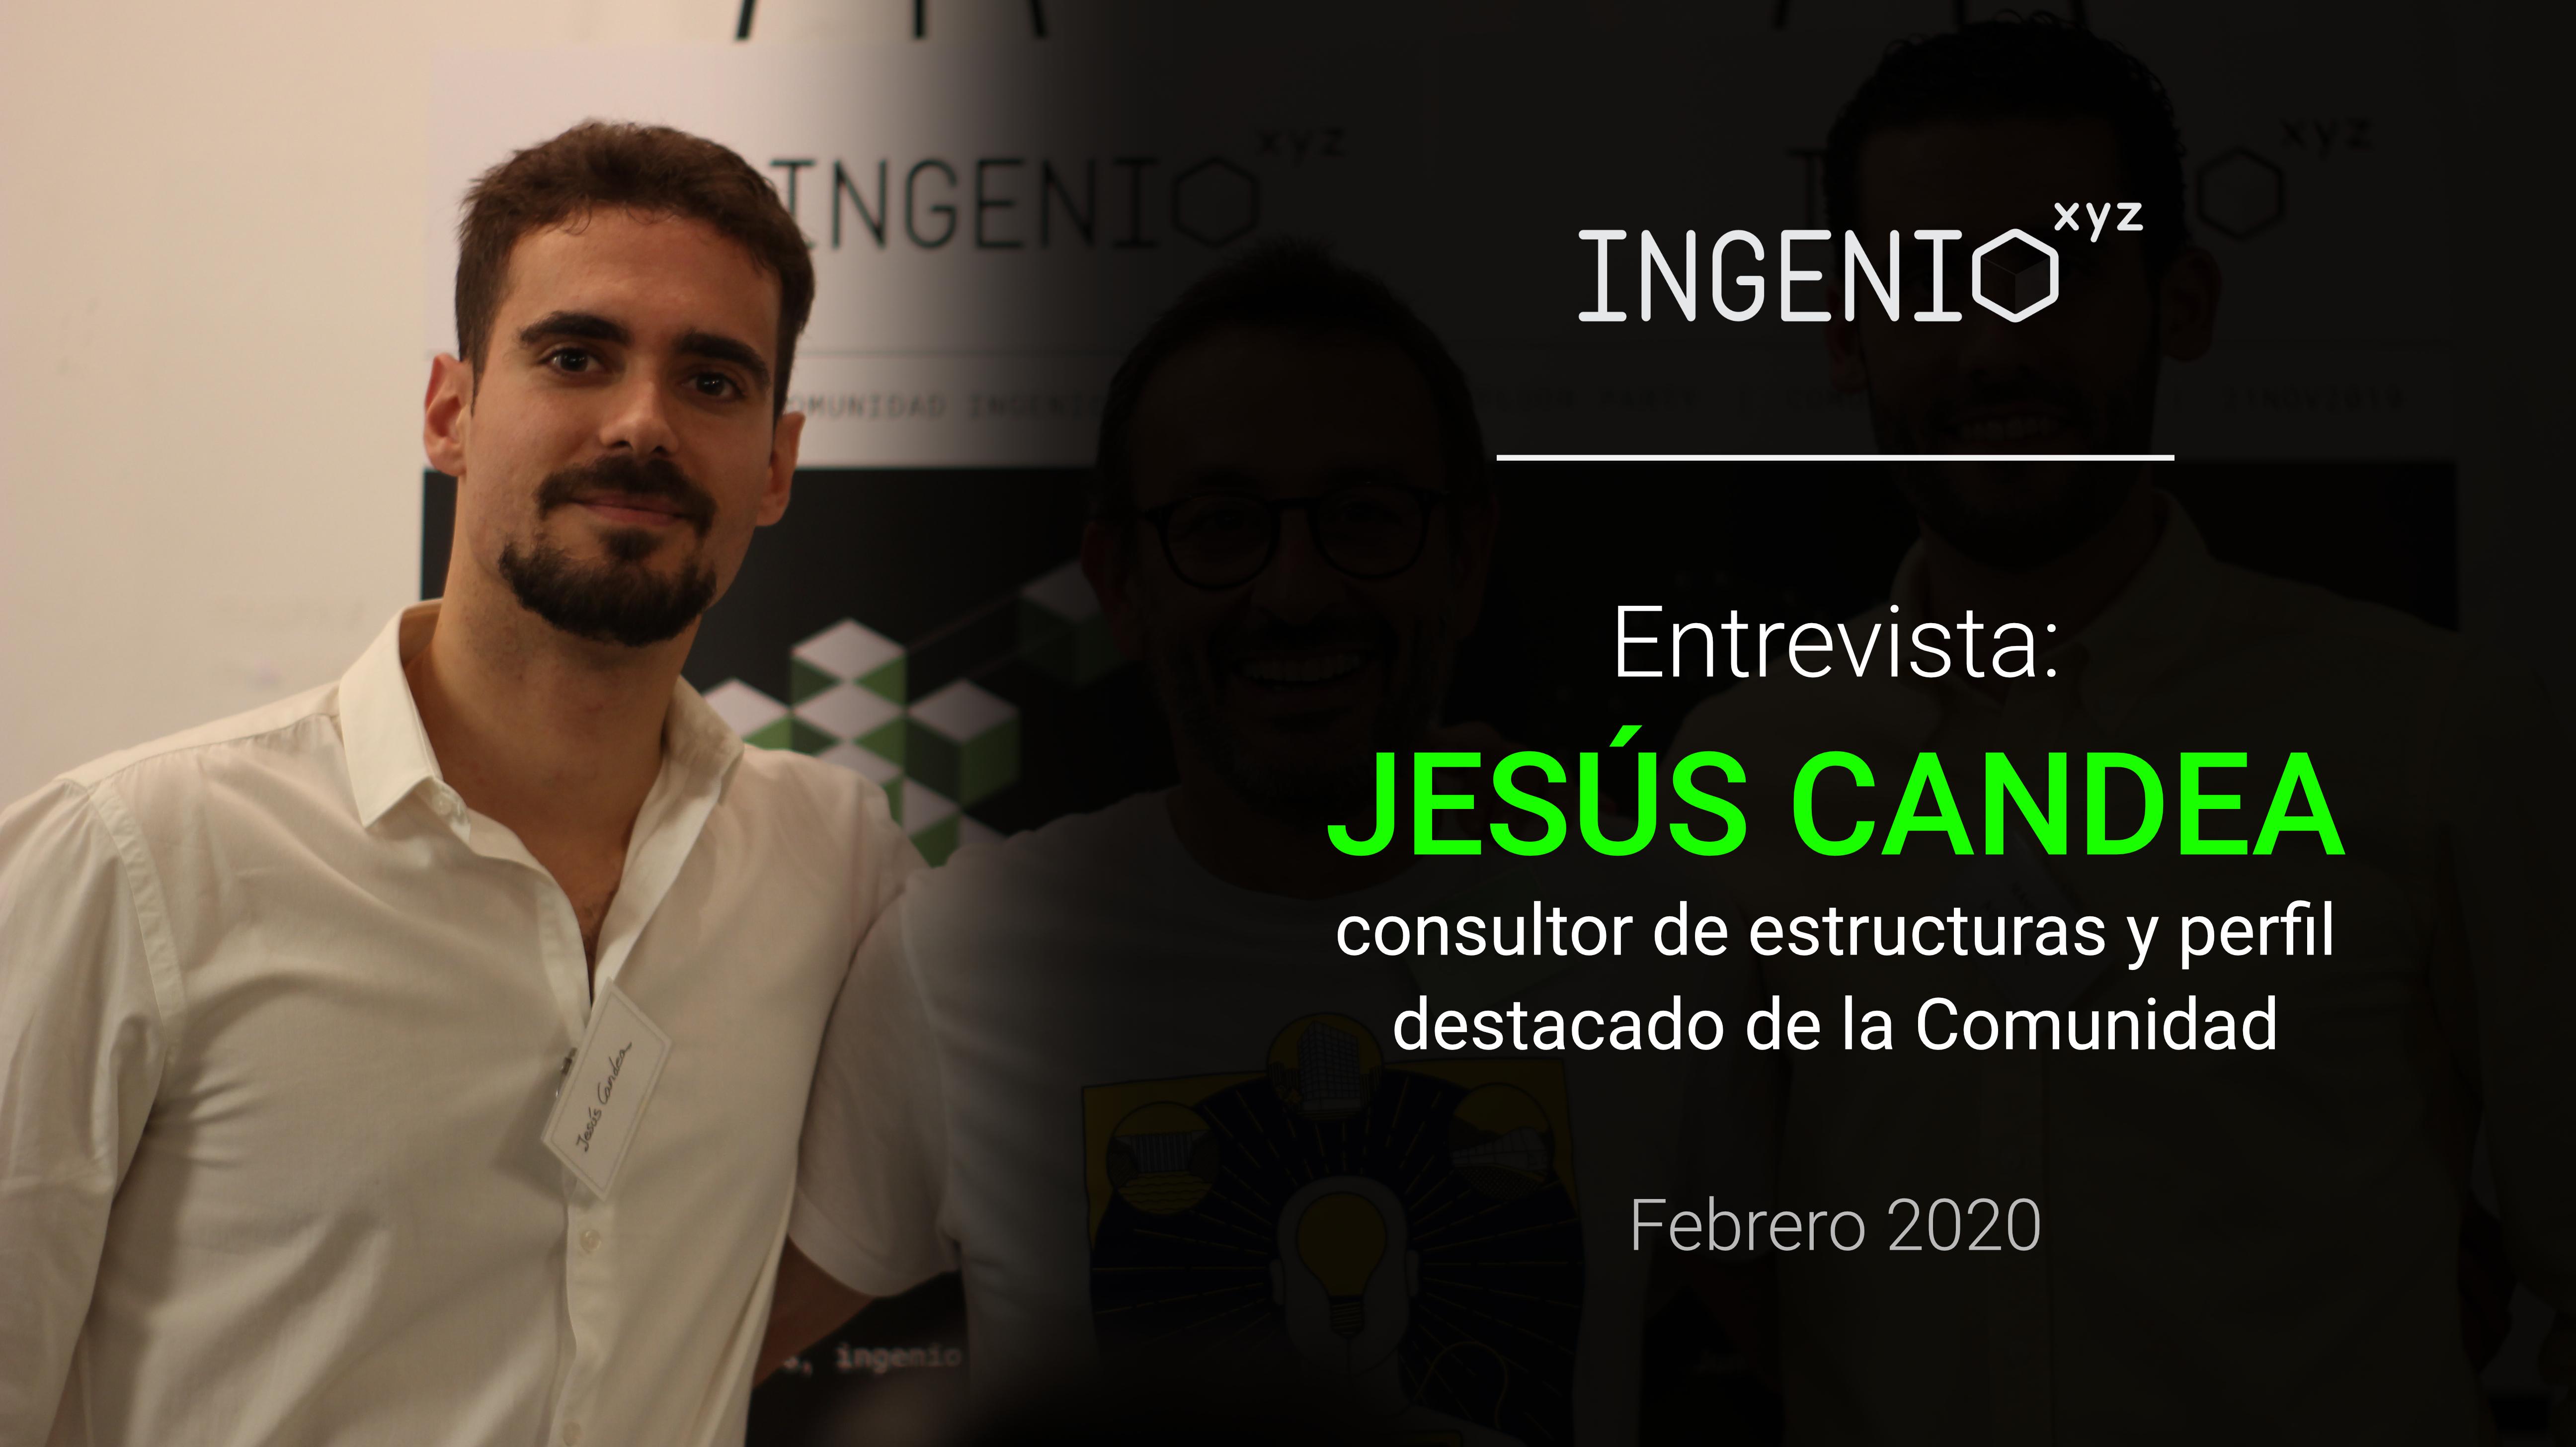 Imagen Entrevista a Jesús Candea, consultor de estructuras y perfil destacado del mes de Febrero 2020